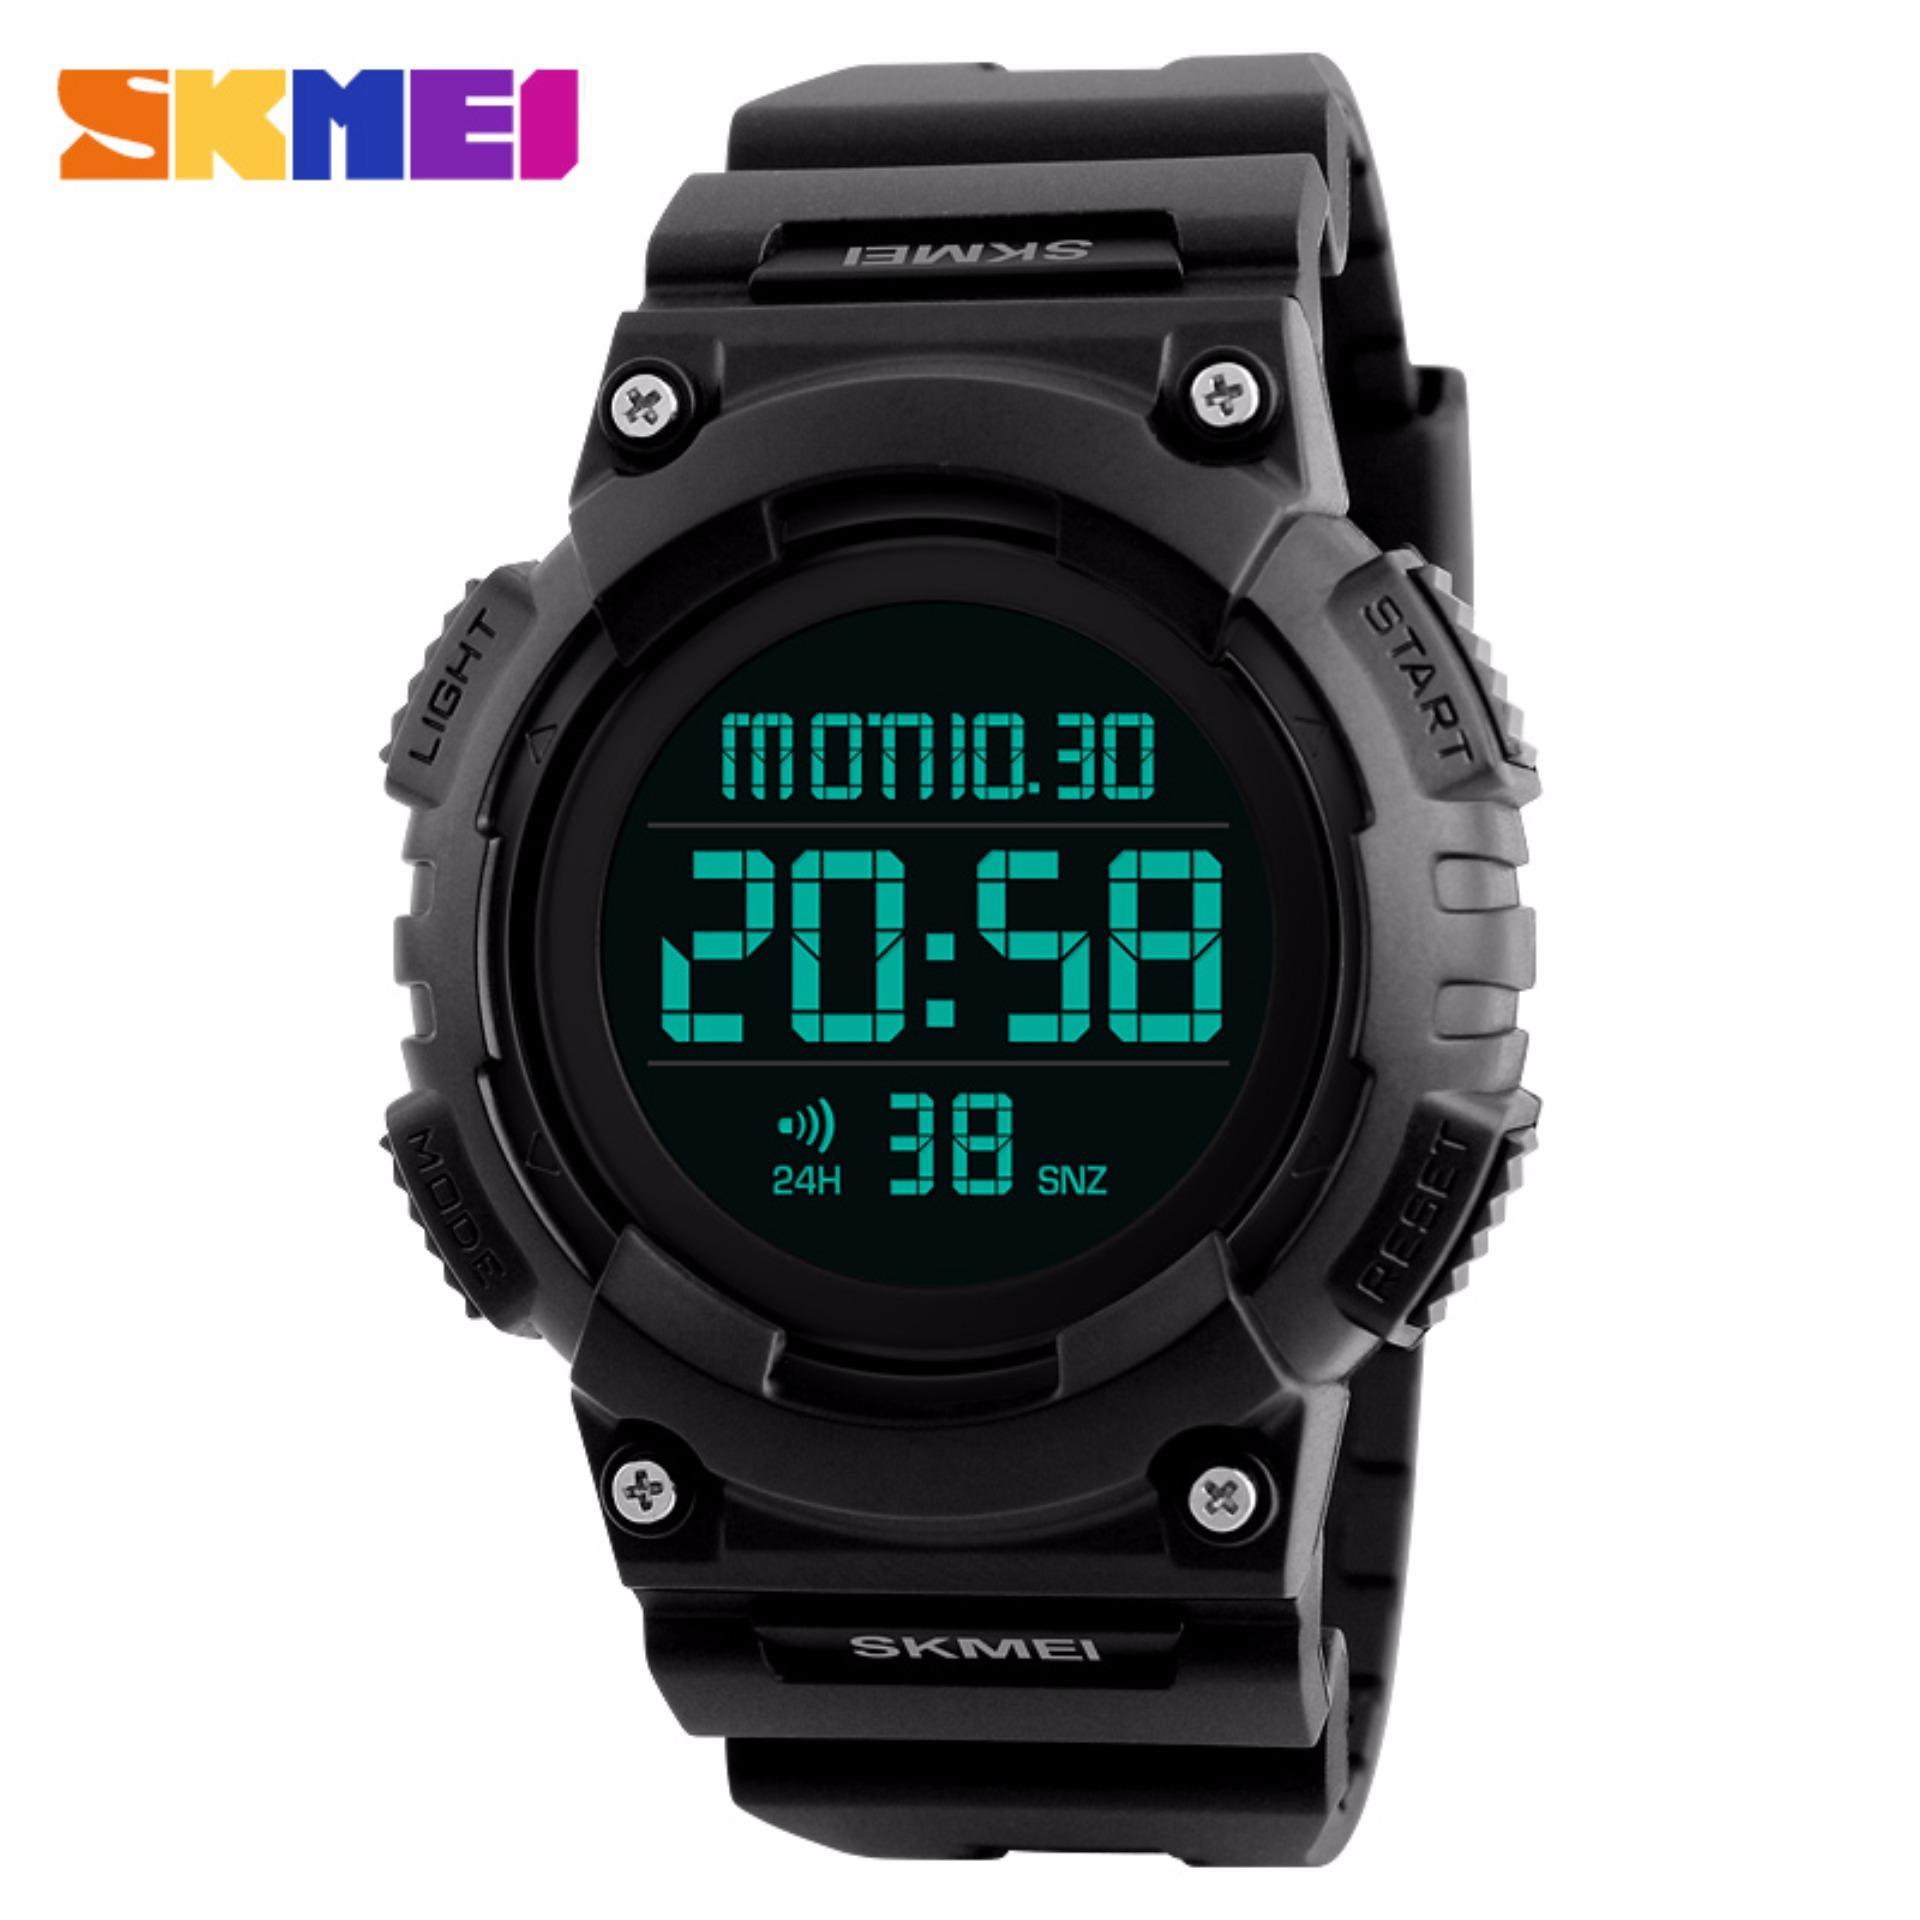 Miliki Segera Skmei Original Jam Tangan Pria Jam Tangan Digital Dg1248 Day Date Stopwatch Hitam